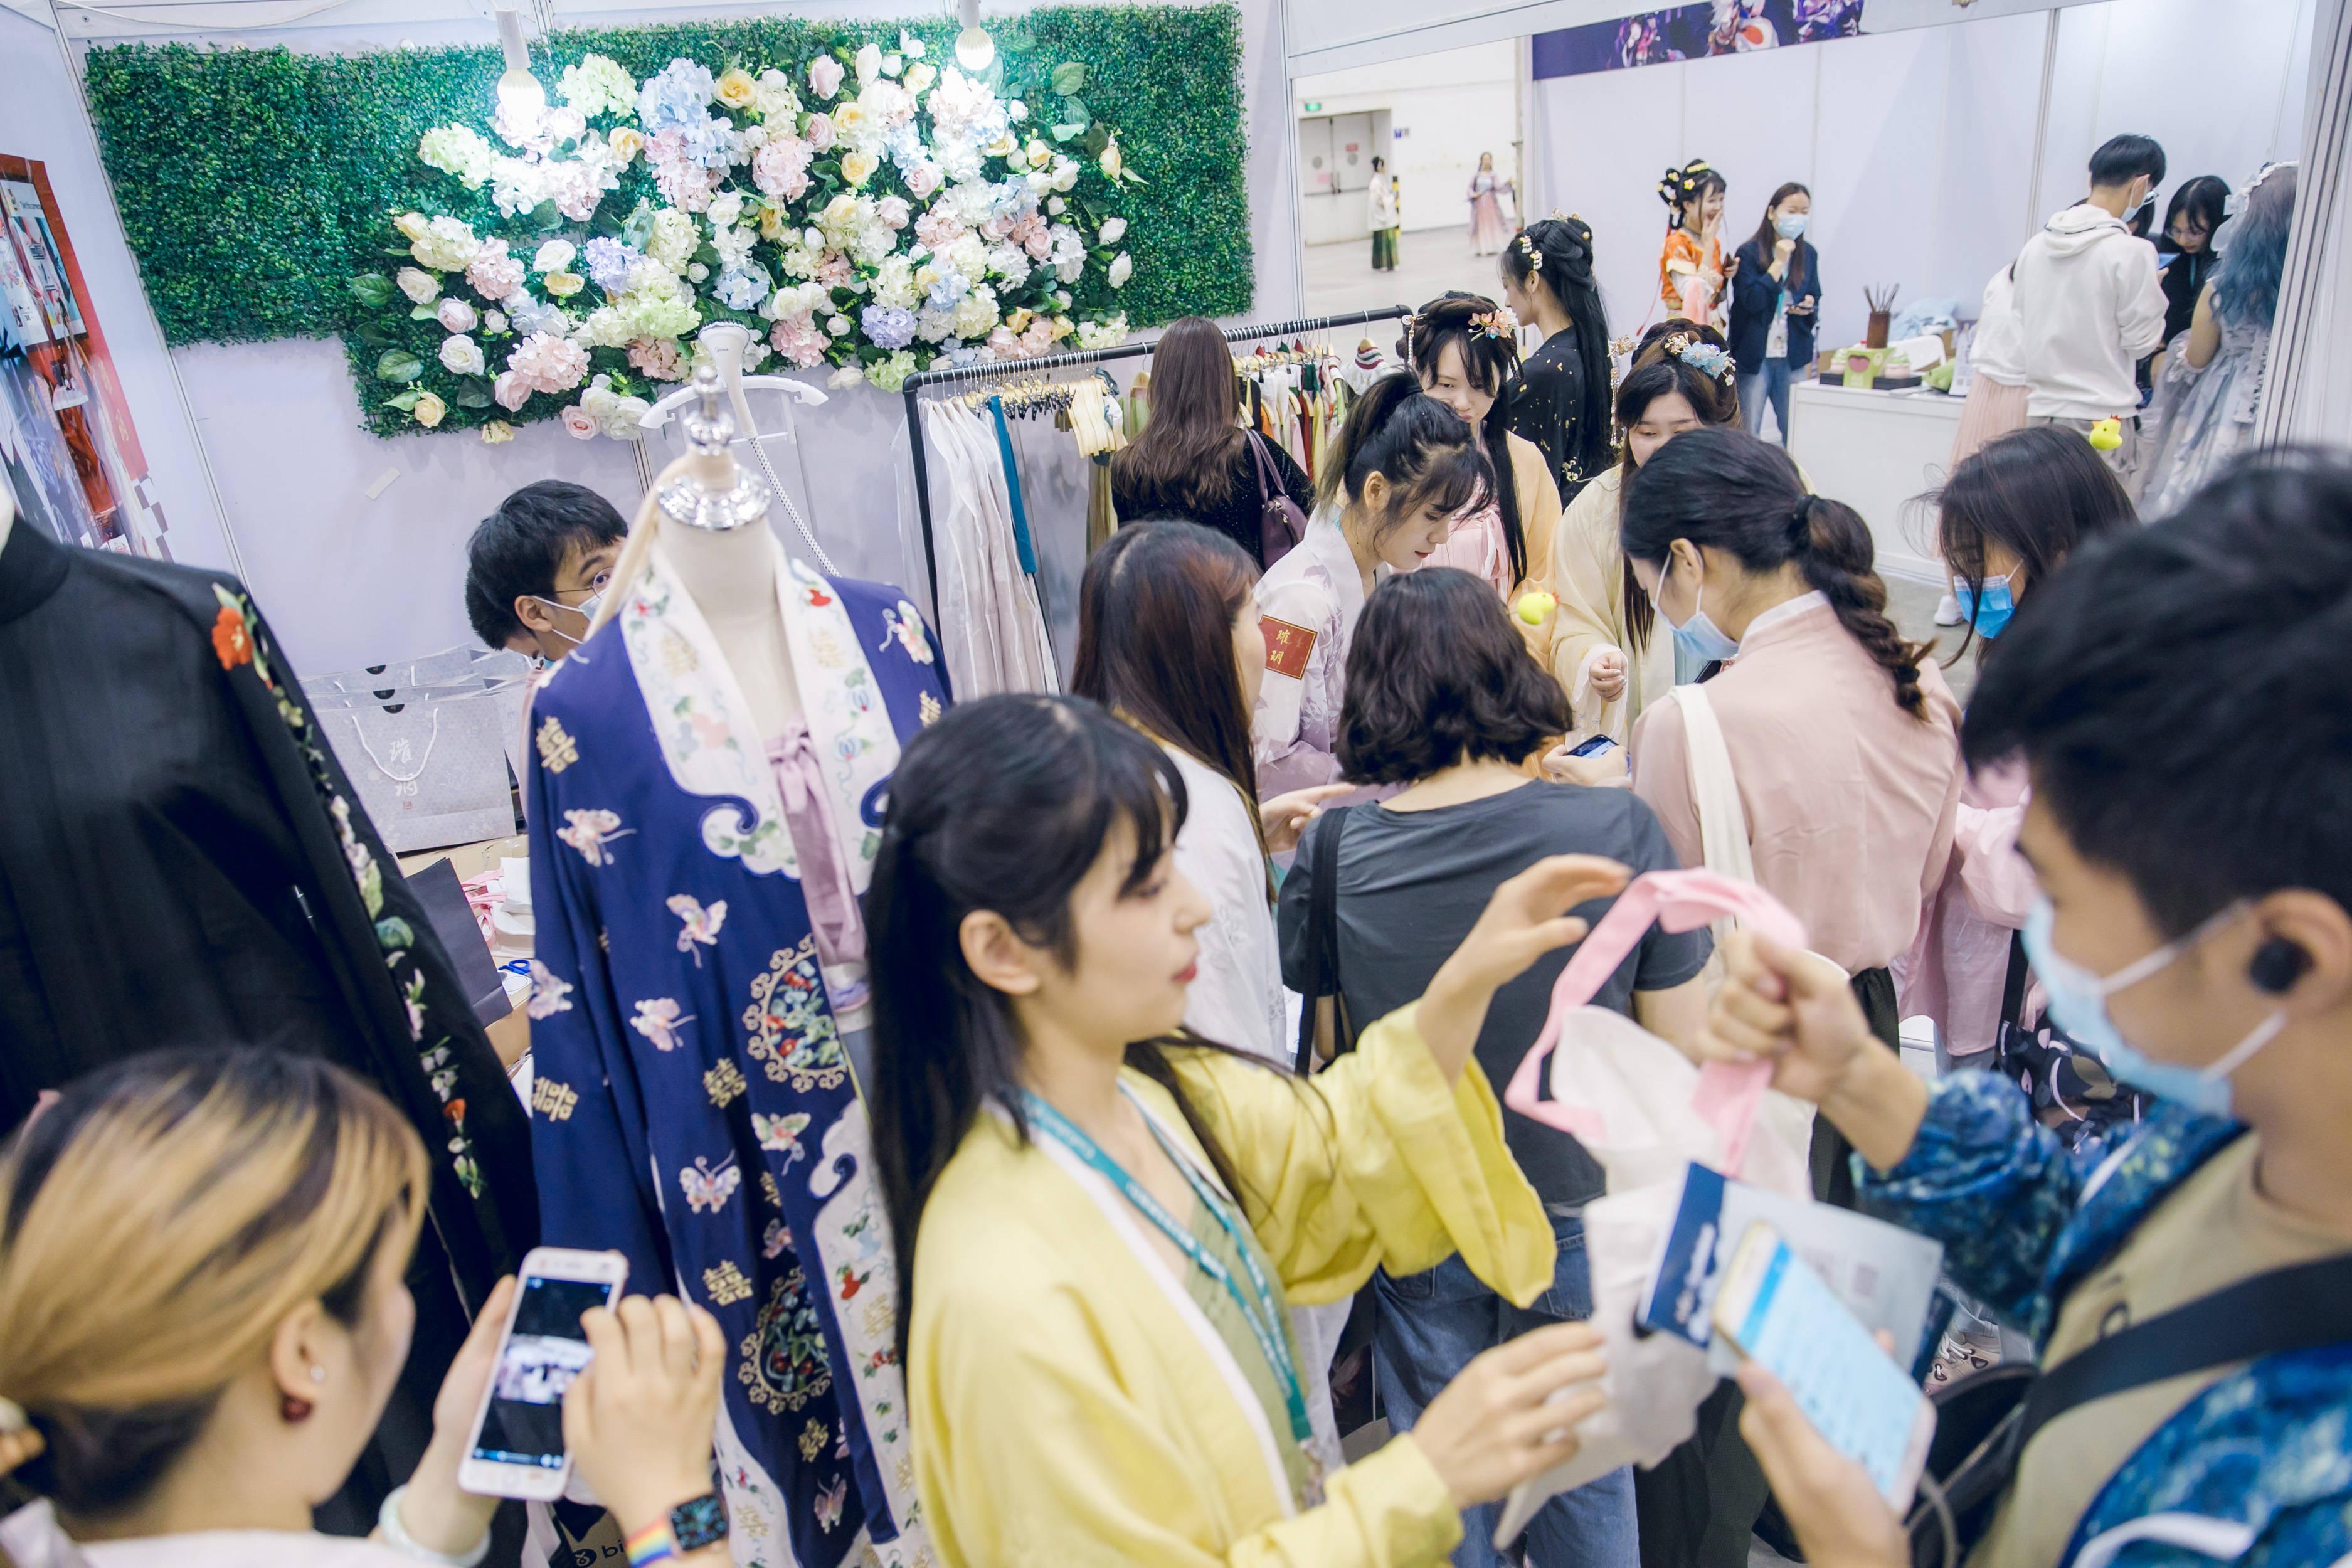 苏州第三届CG国风动漫节来了 五一齐聚阳澄电竞馆! 展会活动-第10张